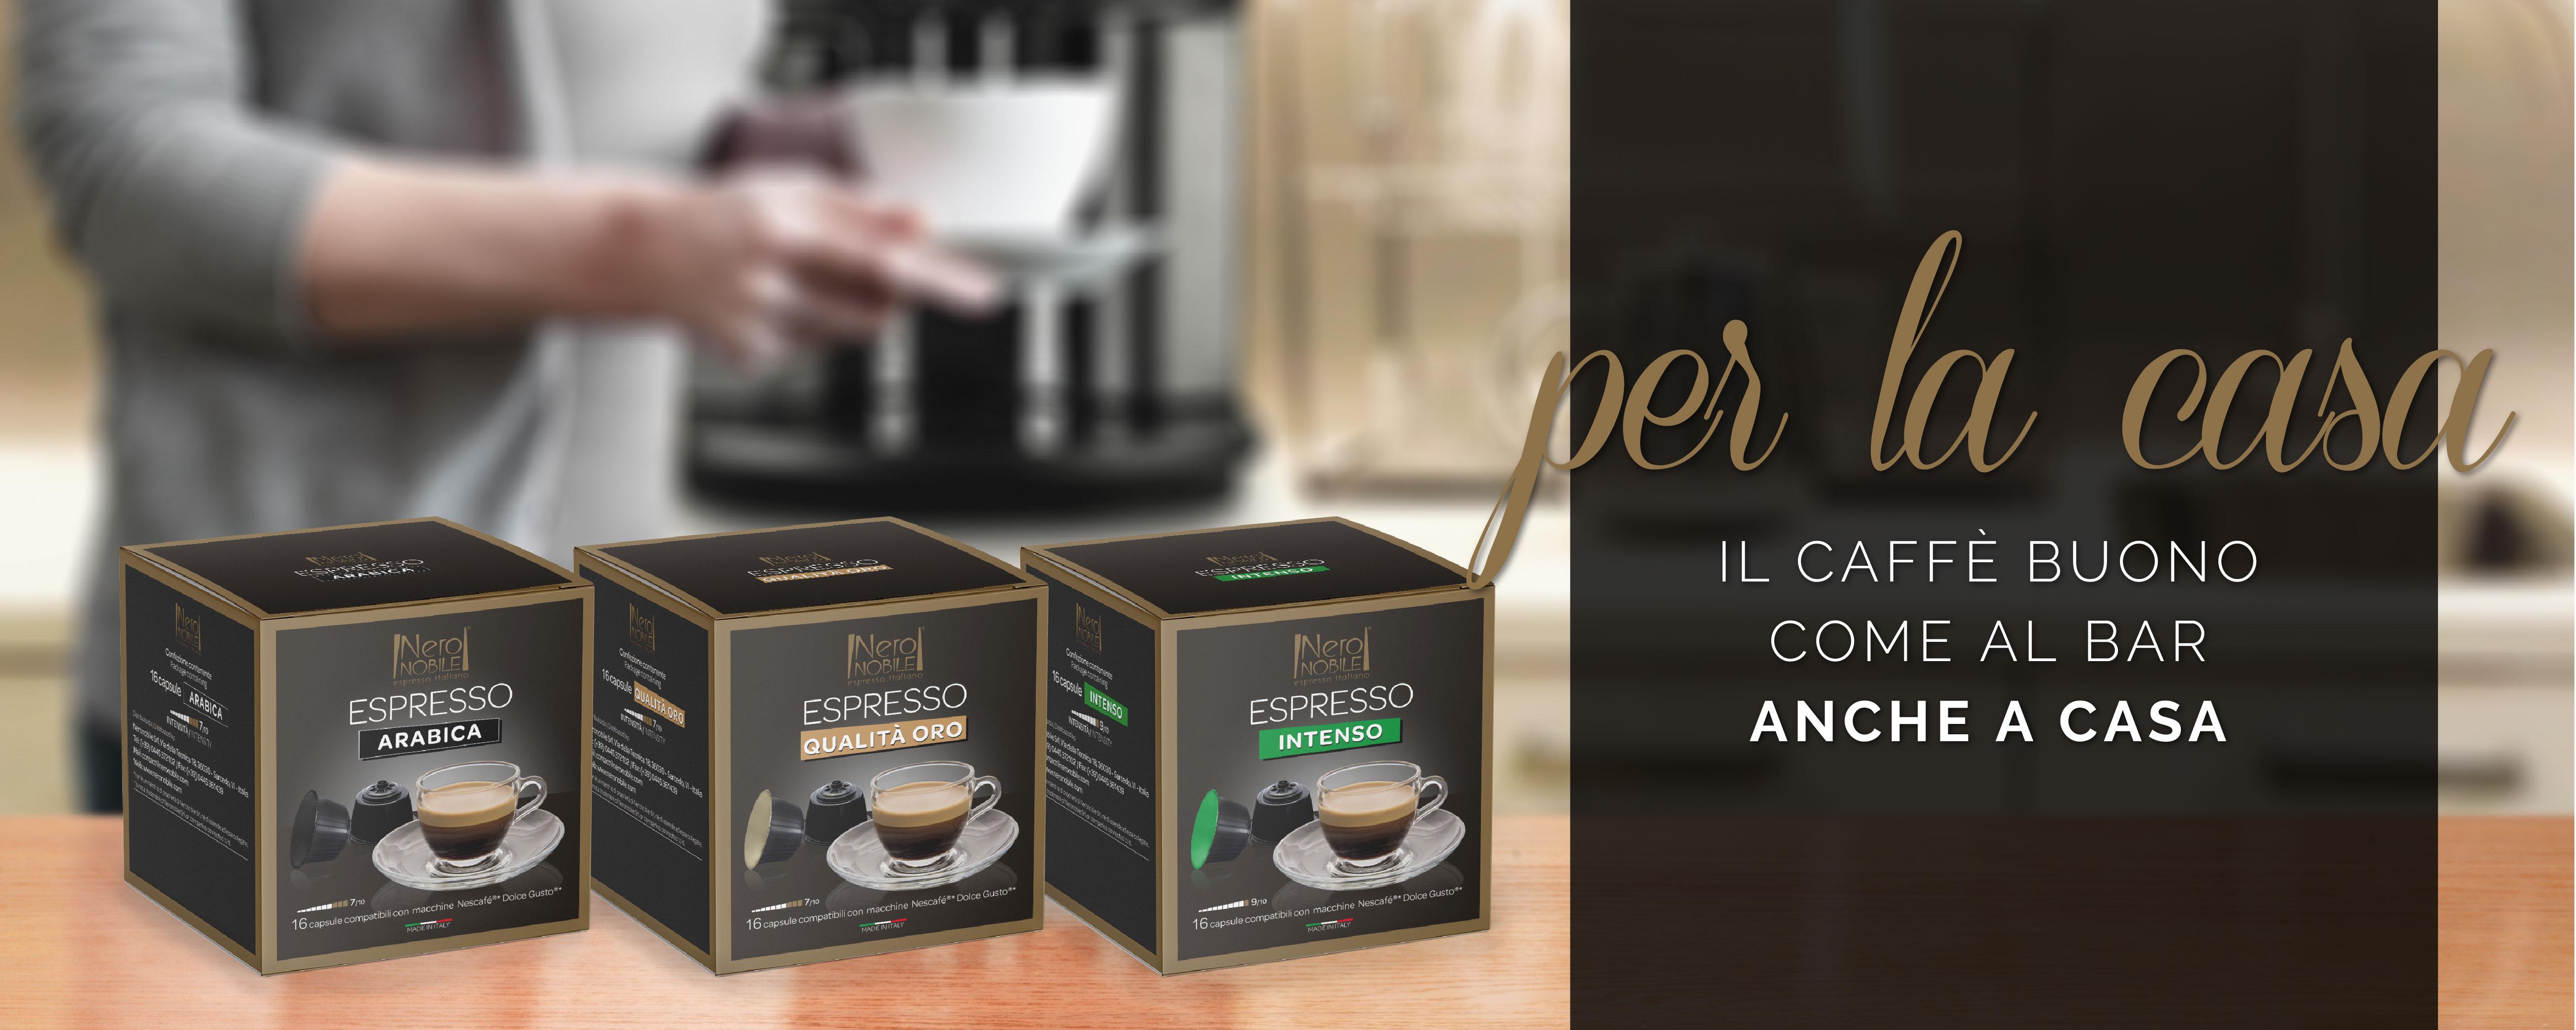 Per la casa - Caffè in capsule e macinato